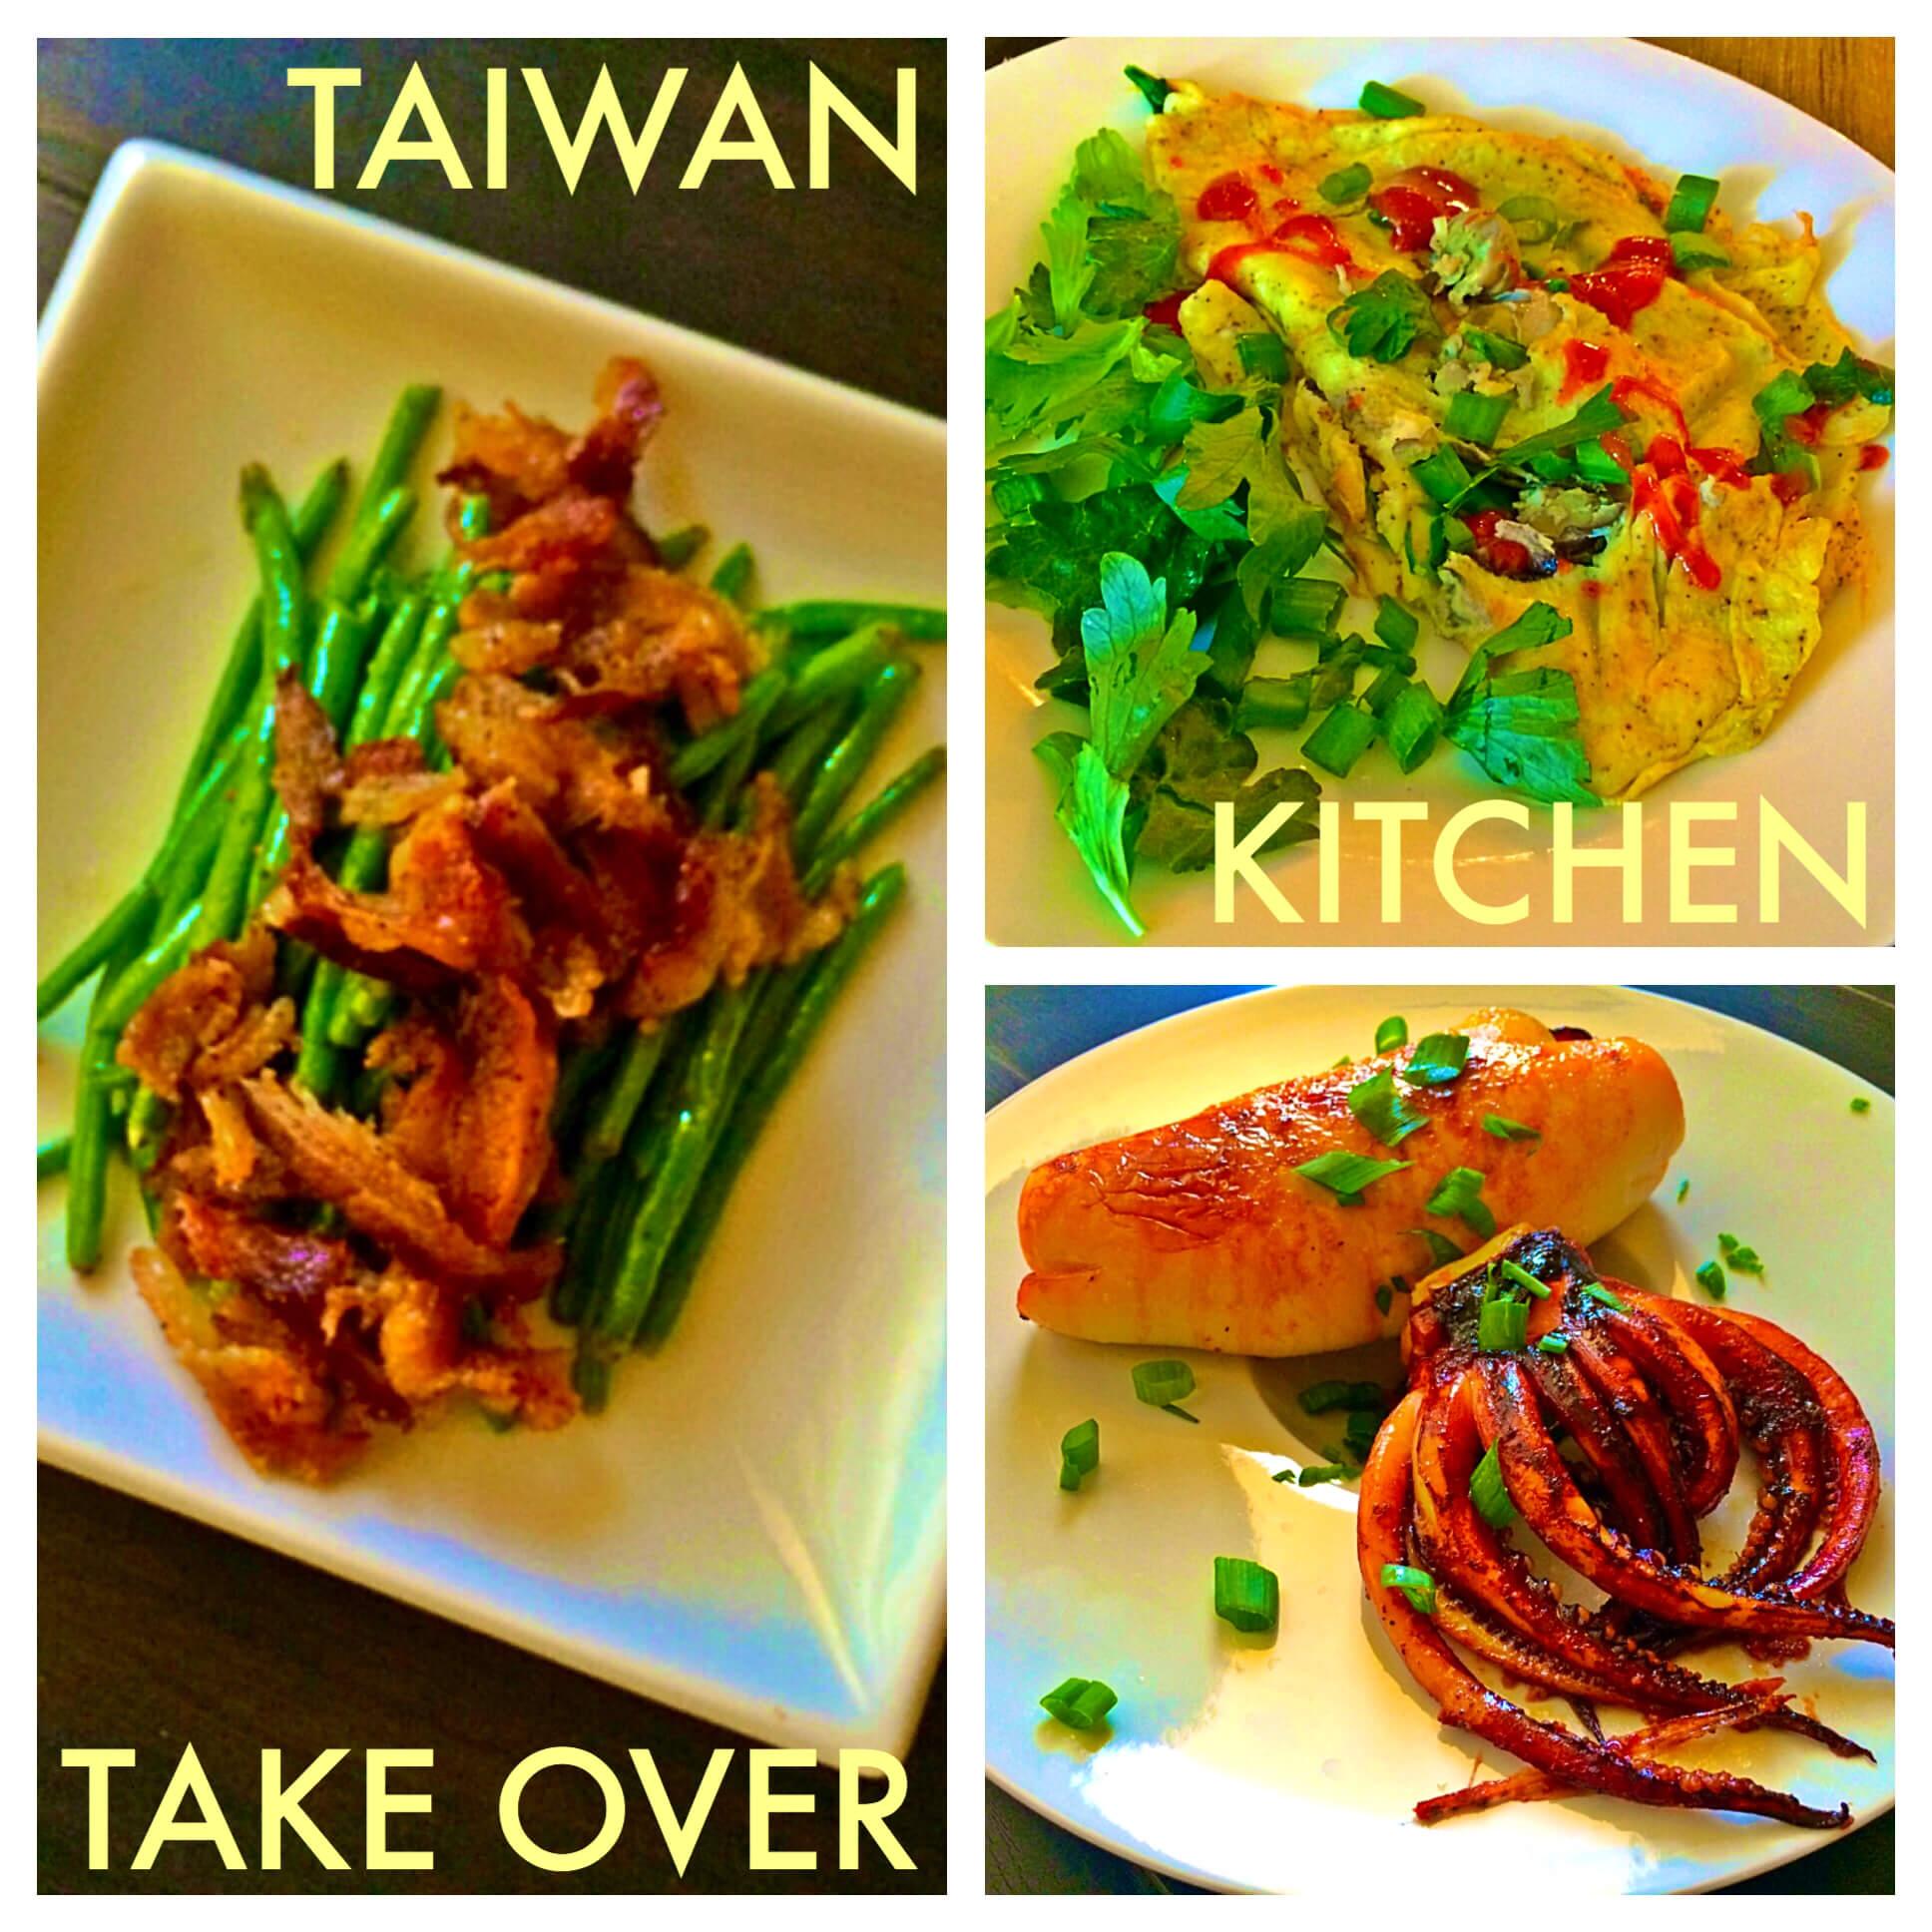 Taiwan-Recipes.jpg?03a0f1